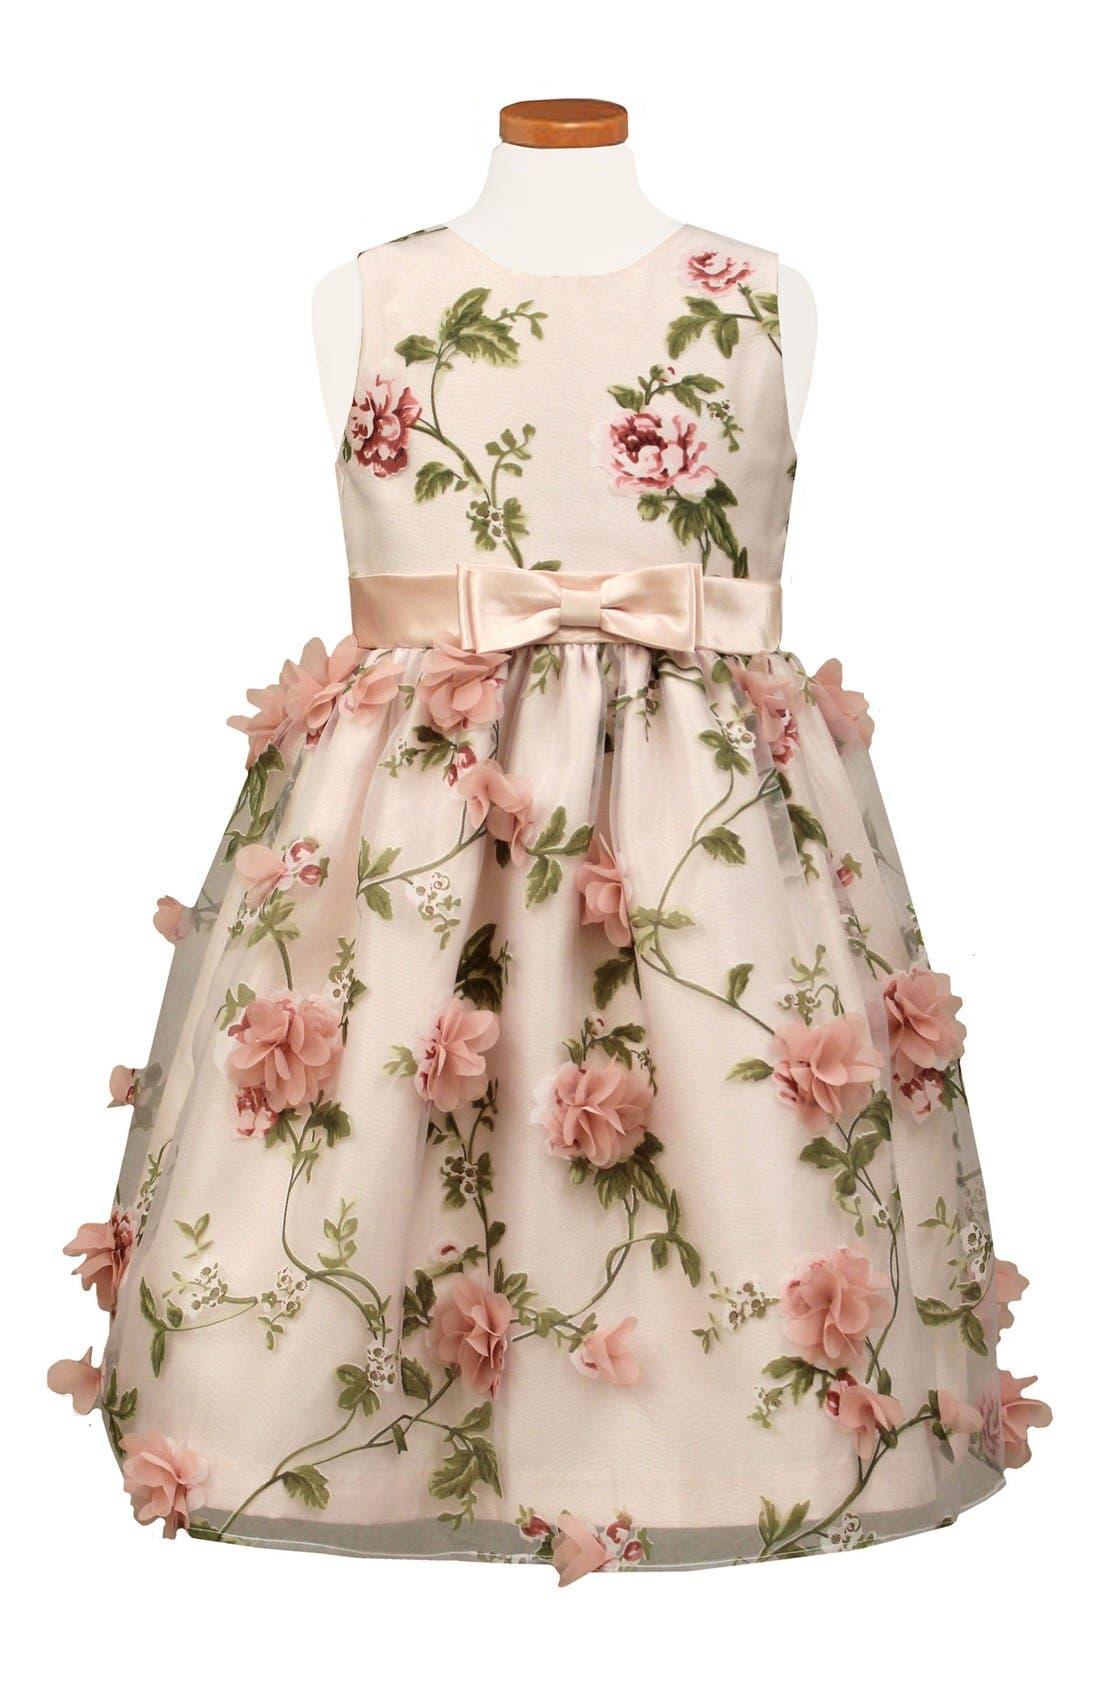 SORBET Embellished Floral Print Organza Dress